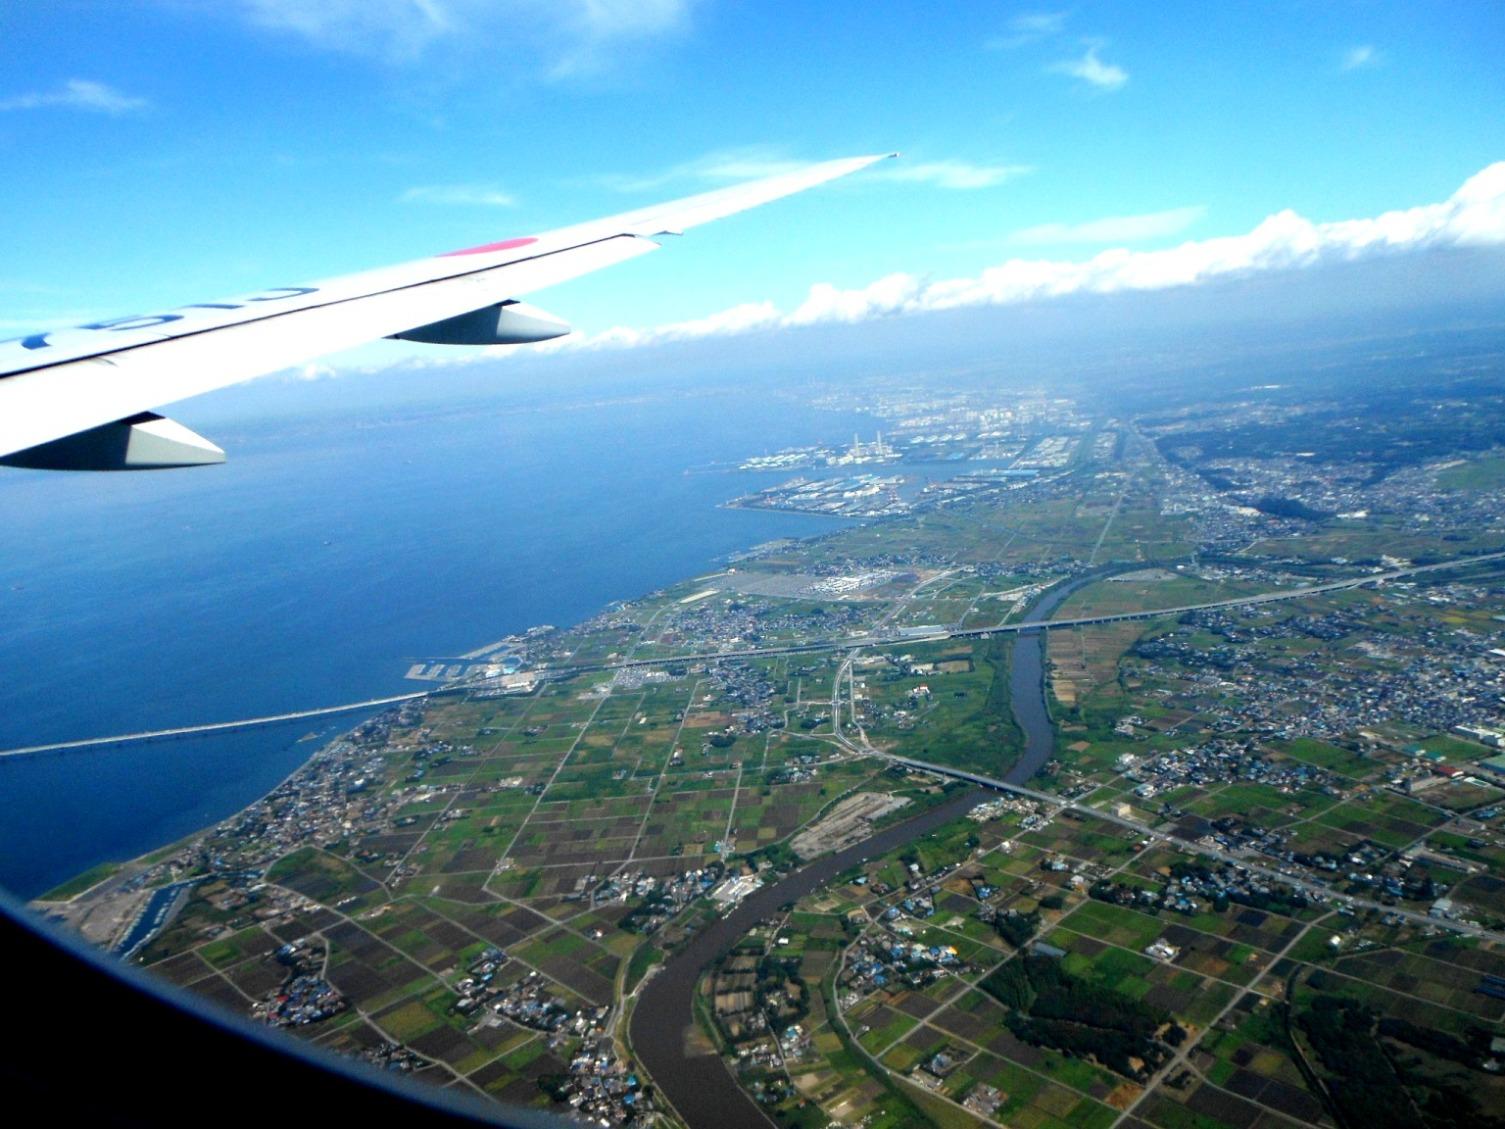 1823) ①「金沢3泊4日旅行 『飛行機からの眺め』」_f0126829_922052.jpg